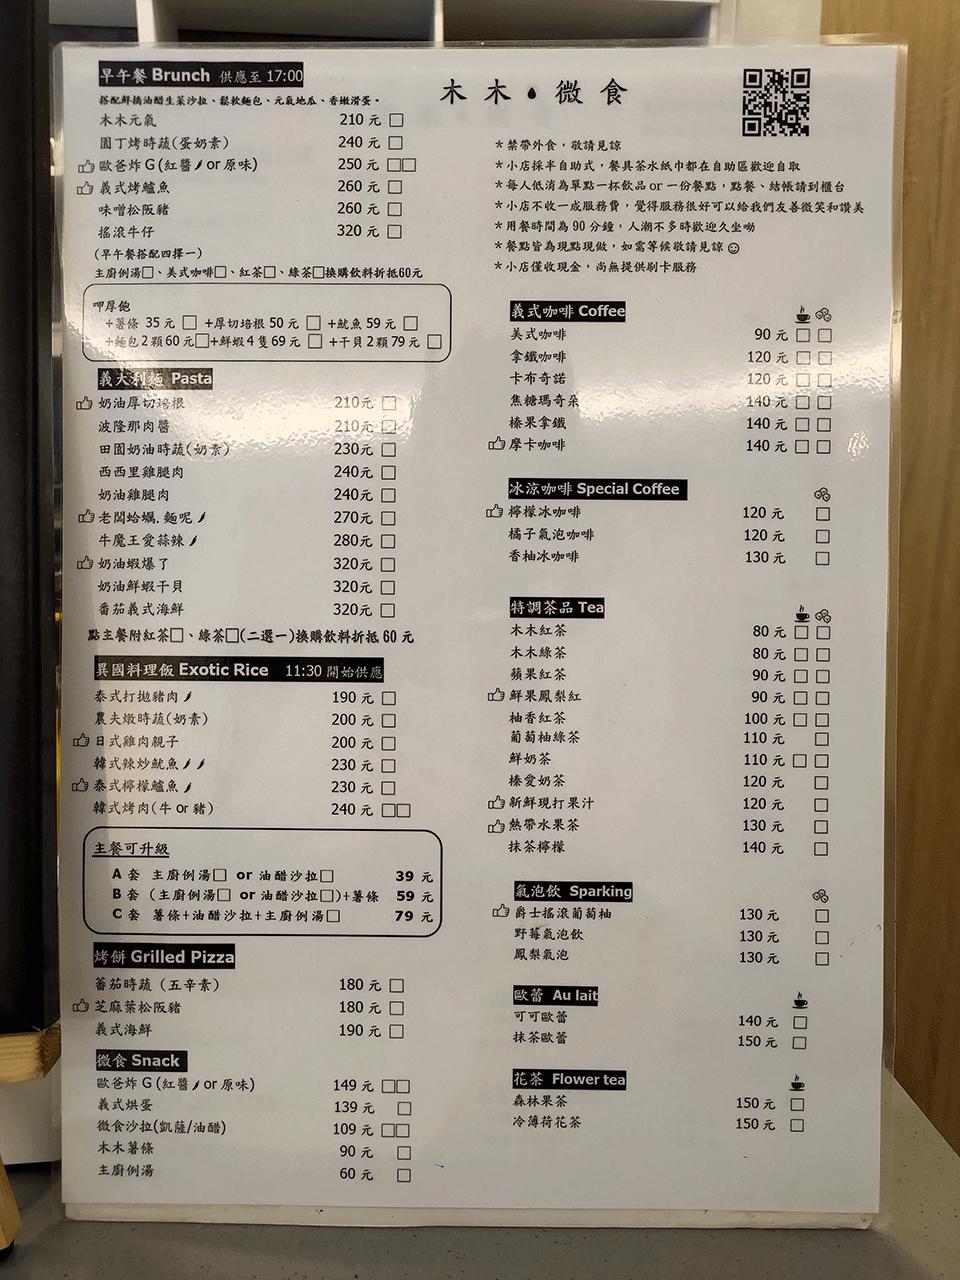 木木微食菜單